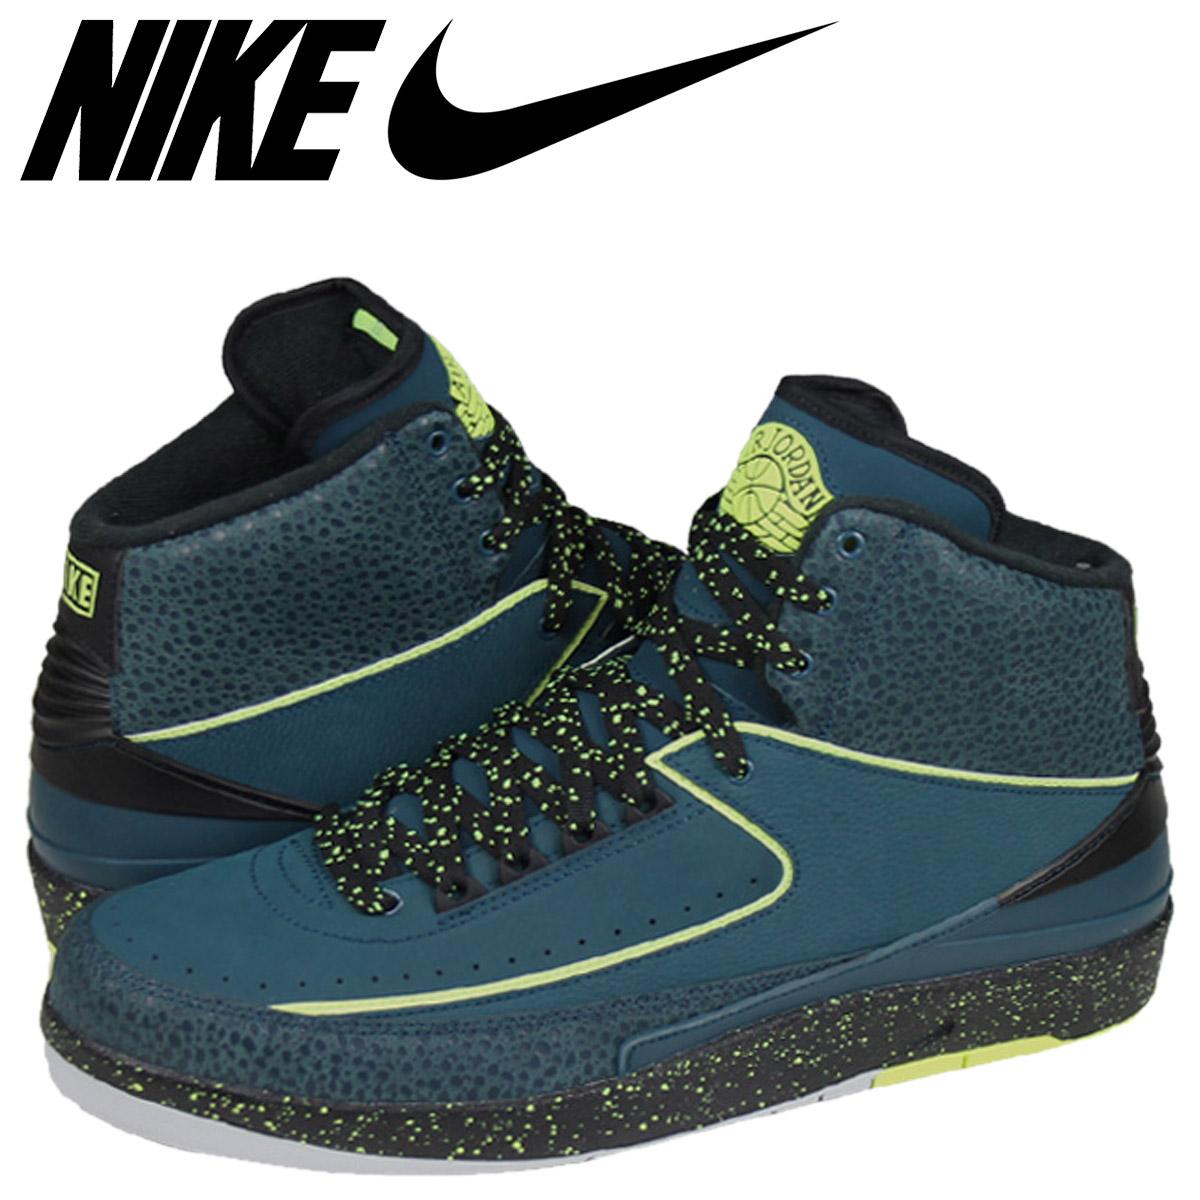 promo code 18746 d9440 NIKE Nike Air Jordan sneakers AIR JORDAN 2 RETRO Air Jordan 2 retro 385475  - 303 green mens